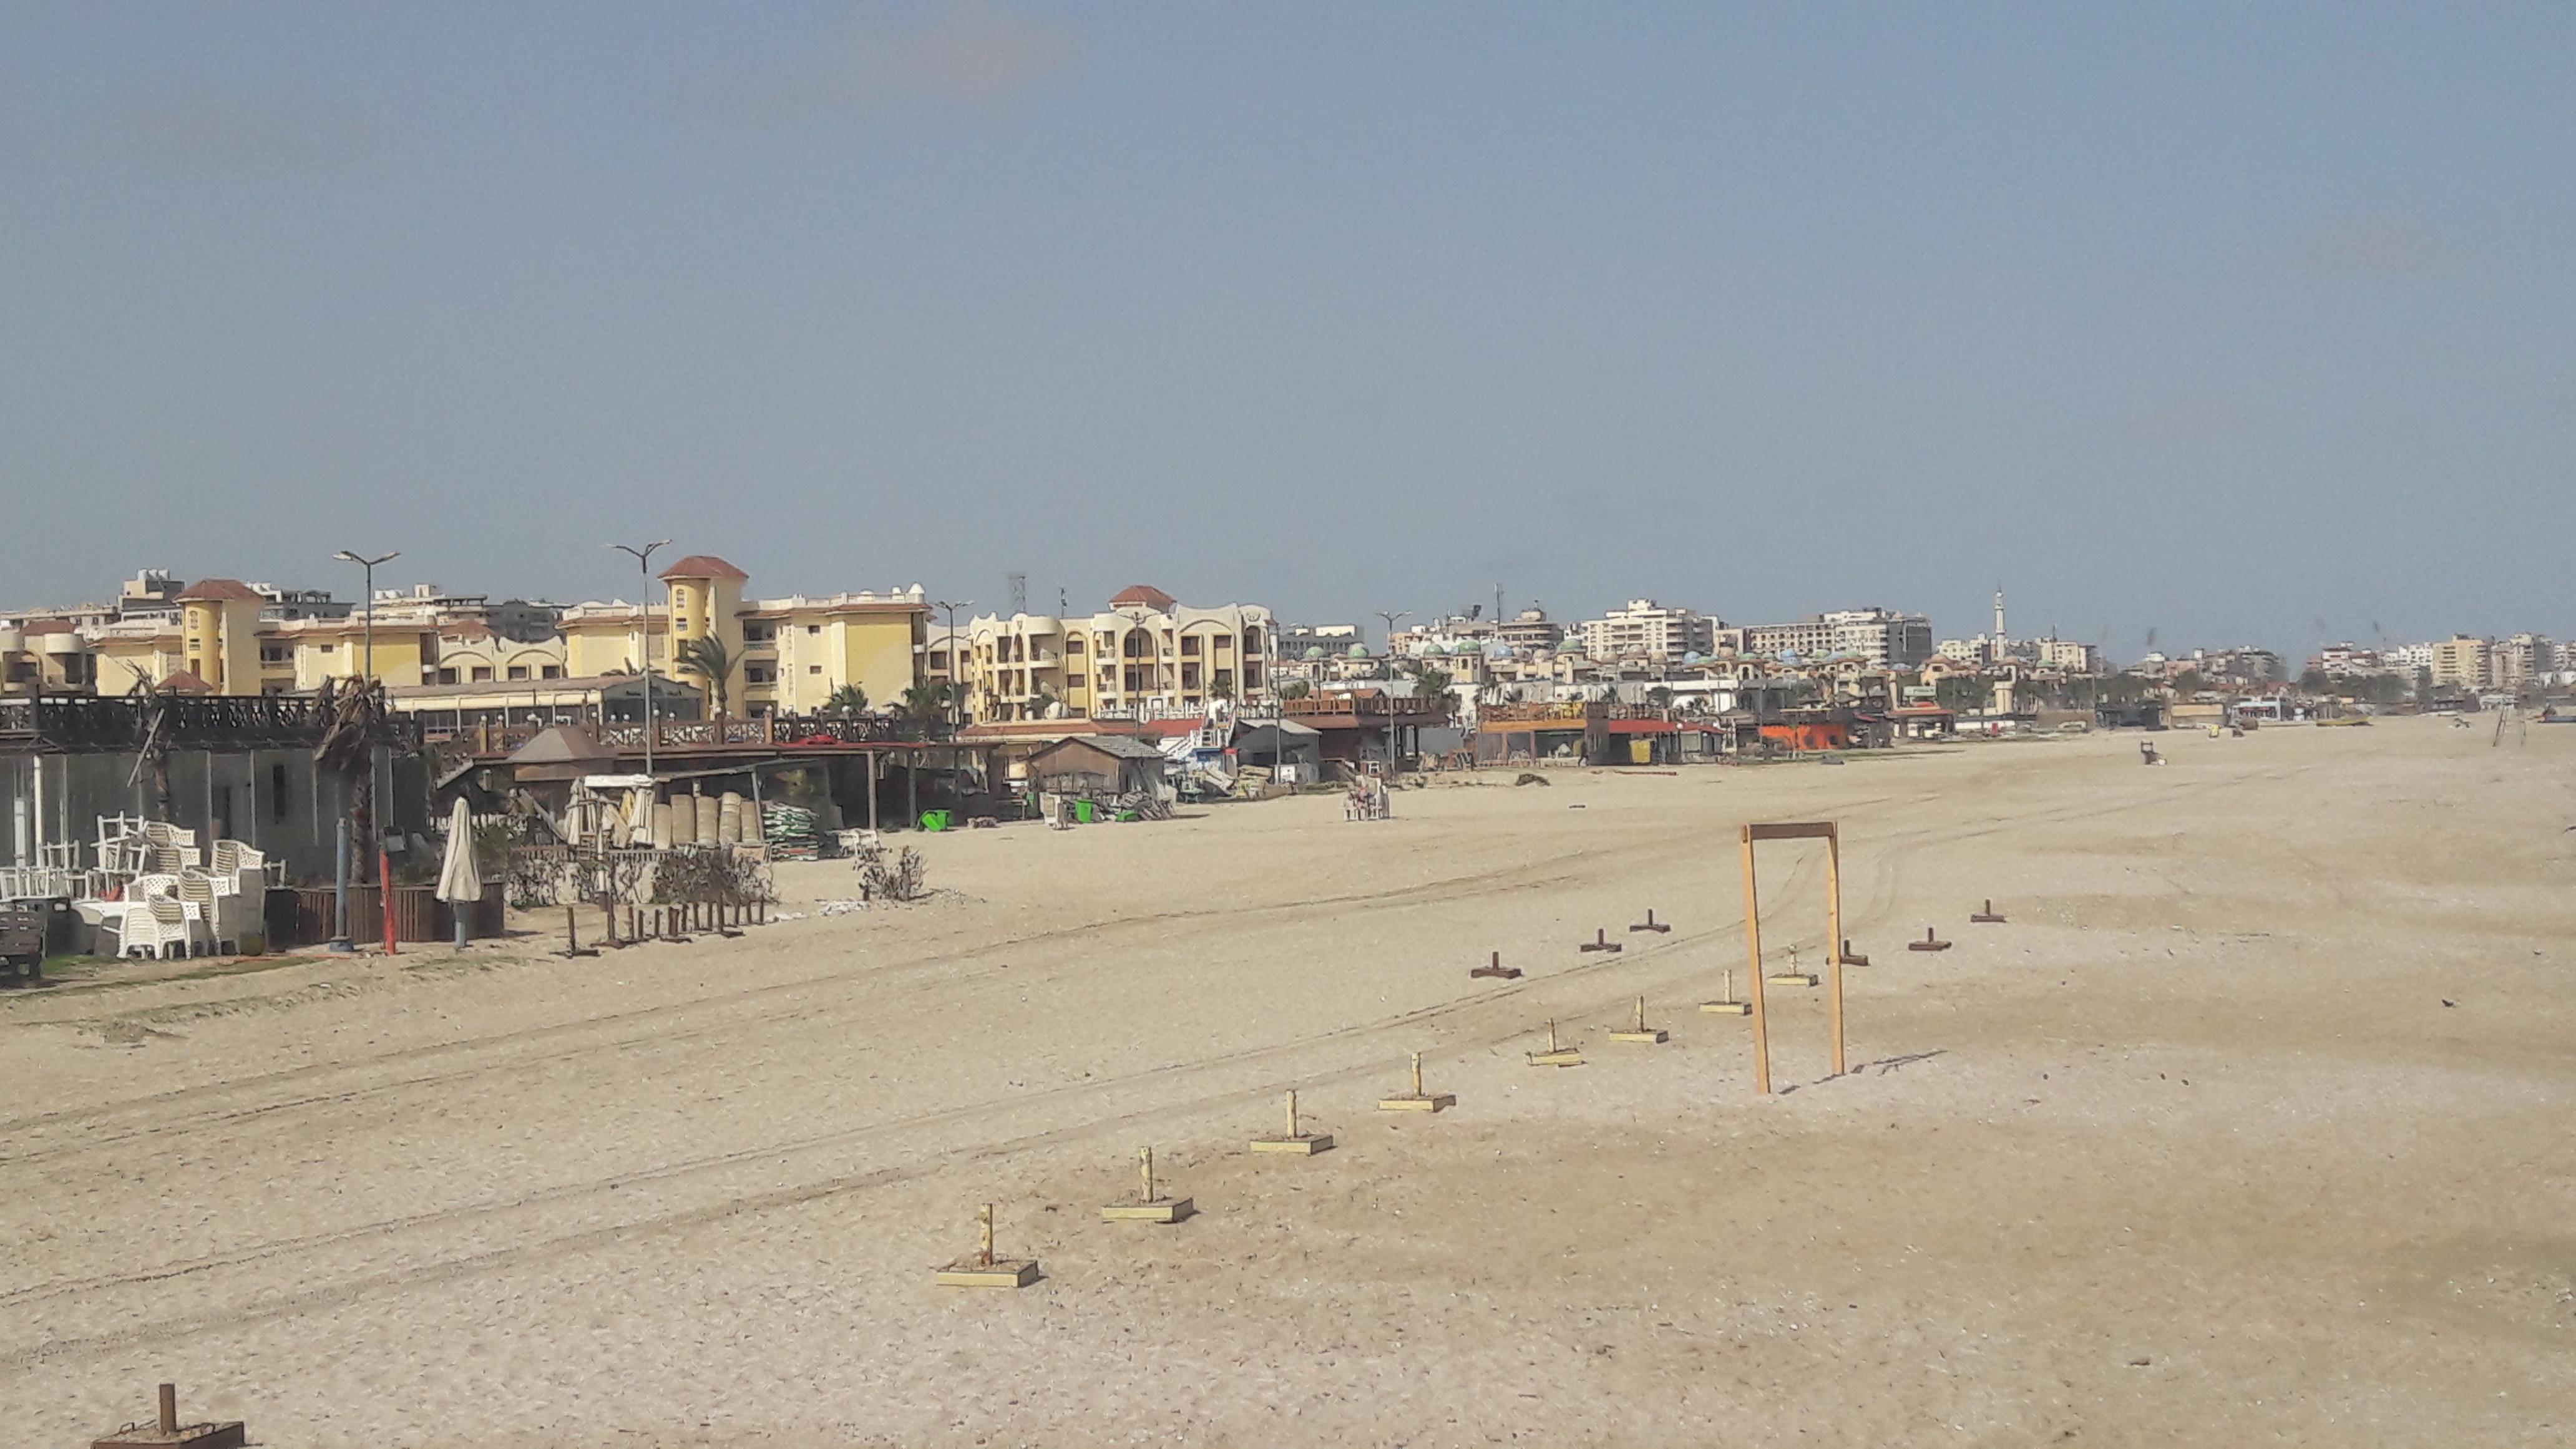 شواطئ بورسعيد بلا مواطنين (1)